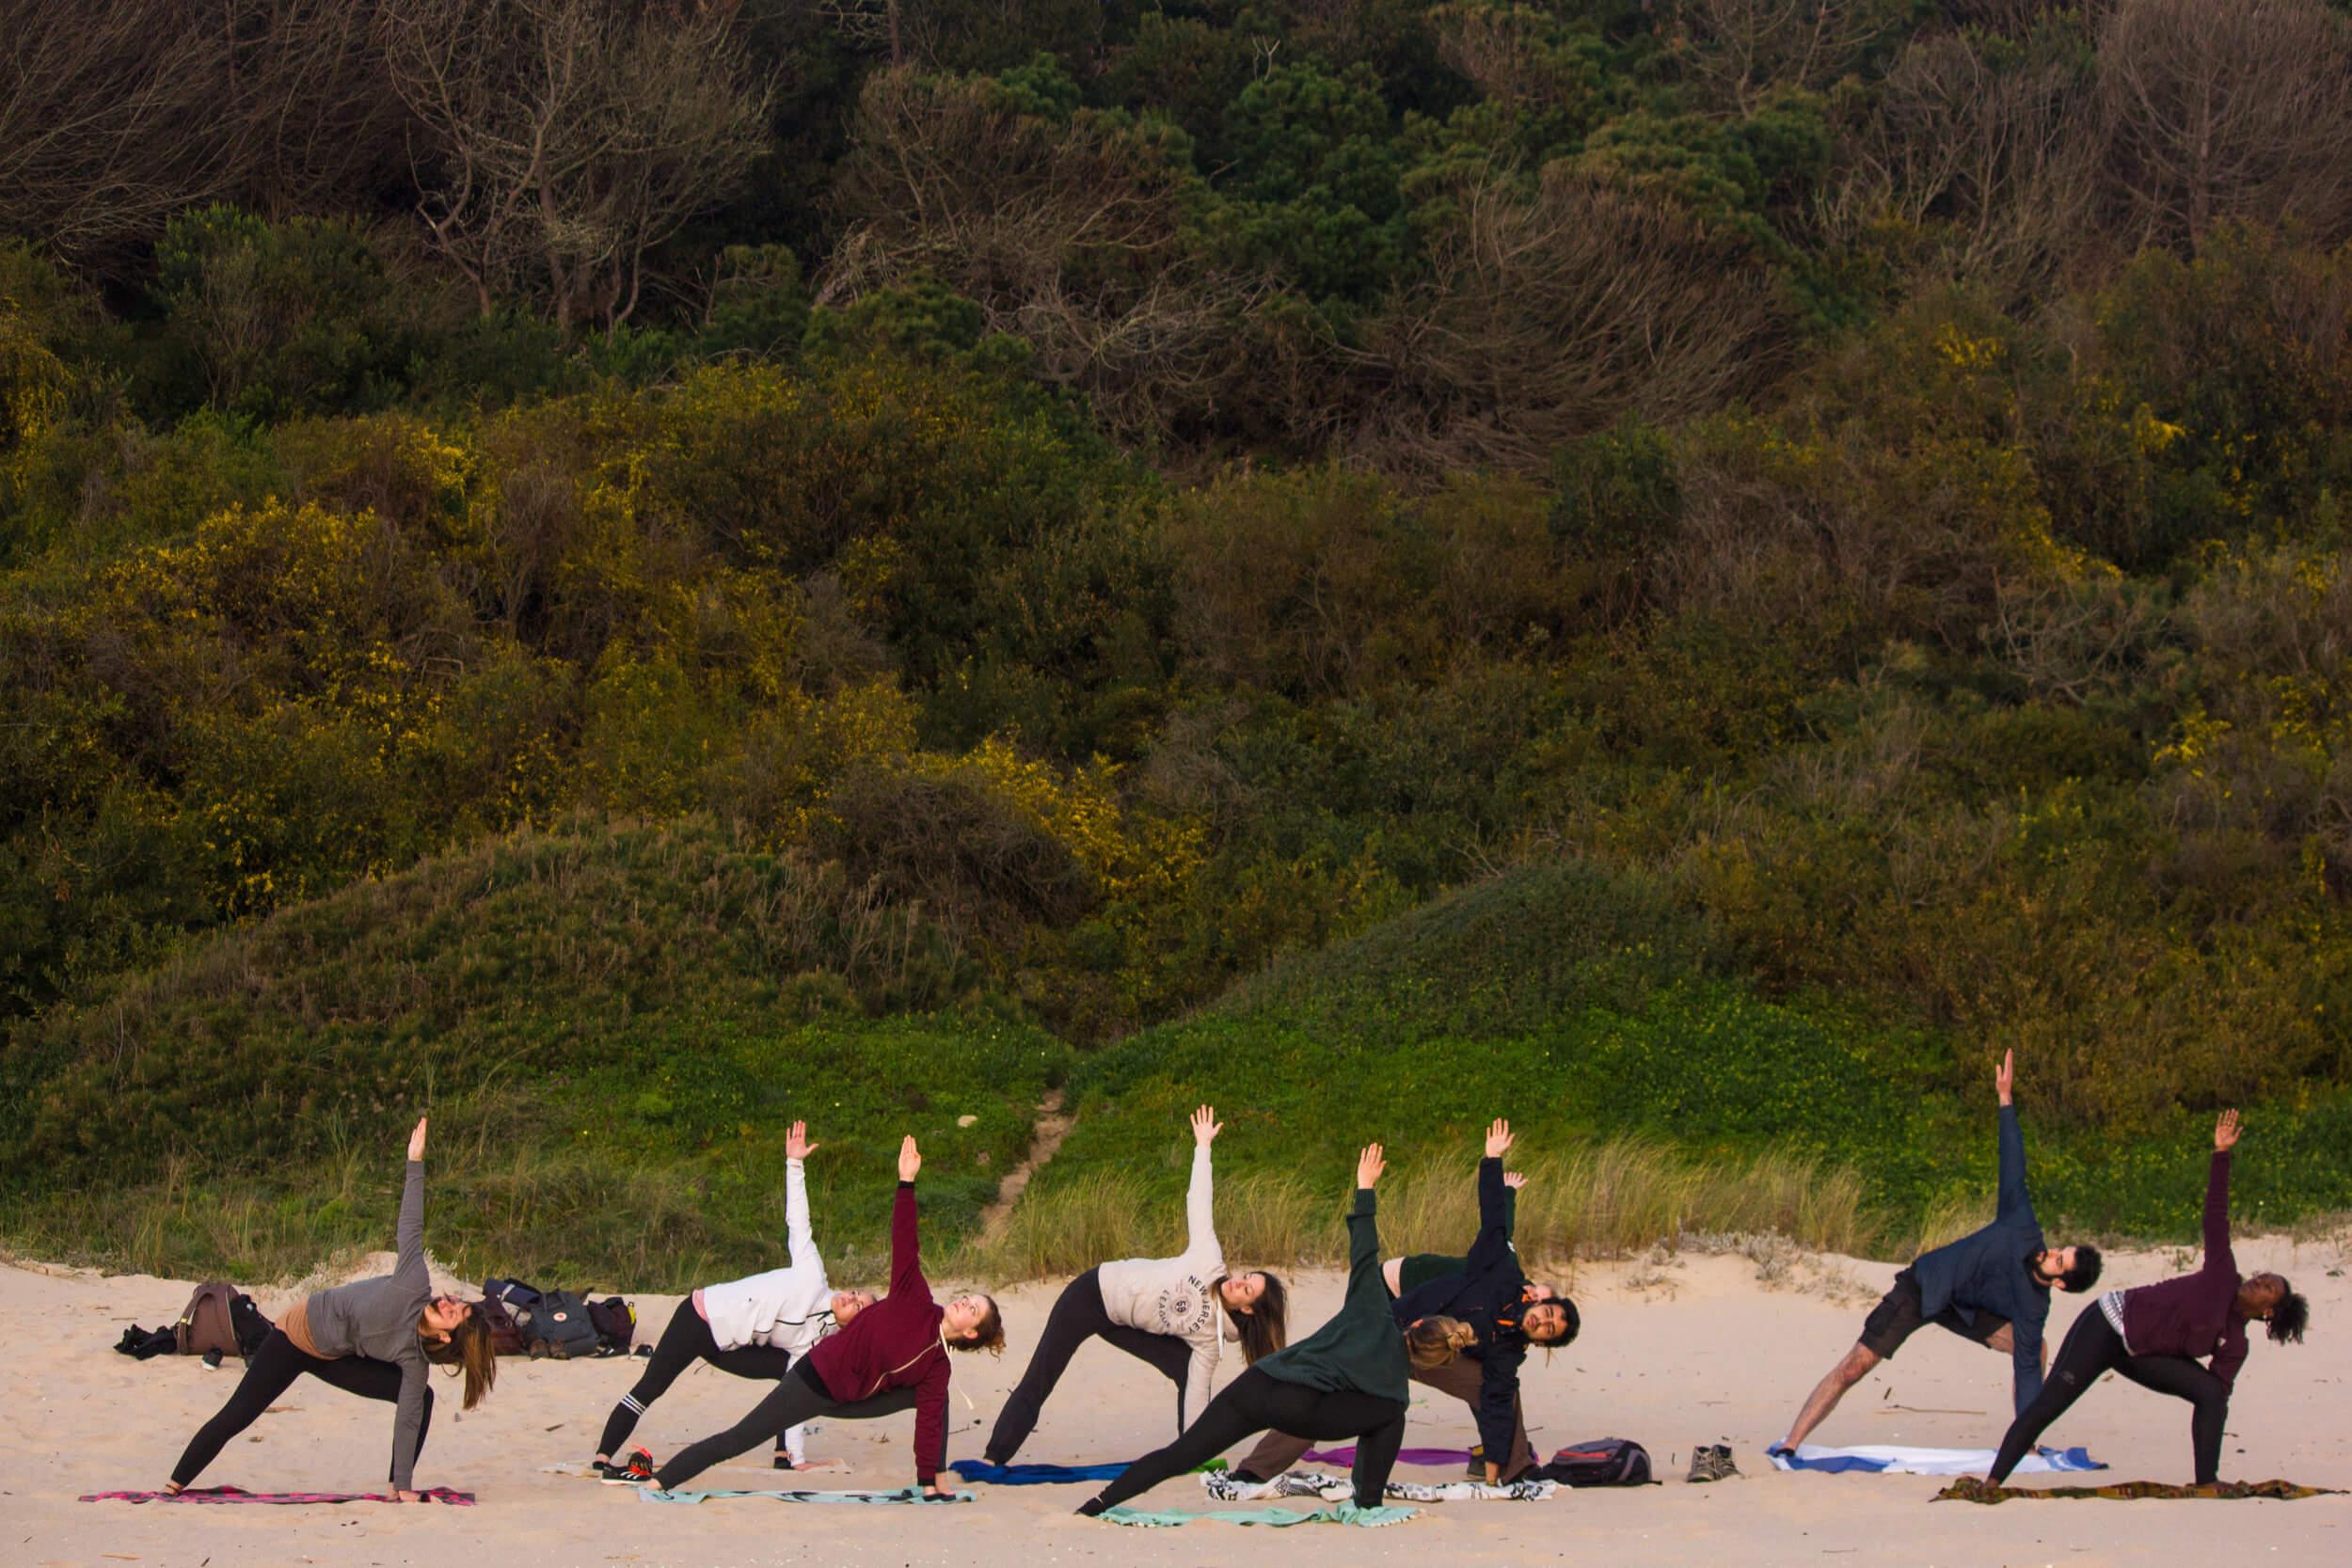 yoga-coastal-forest-breathe-portugal.jpg